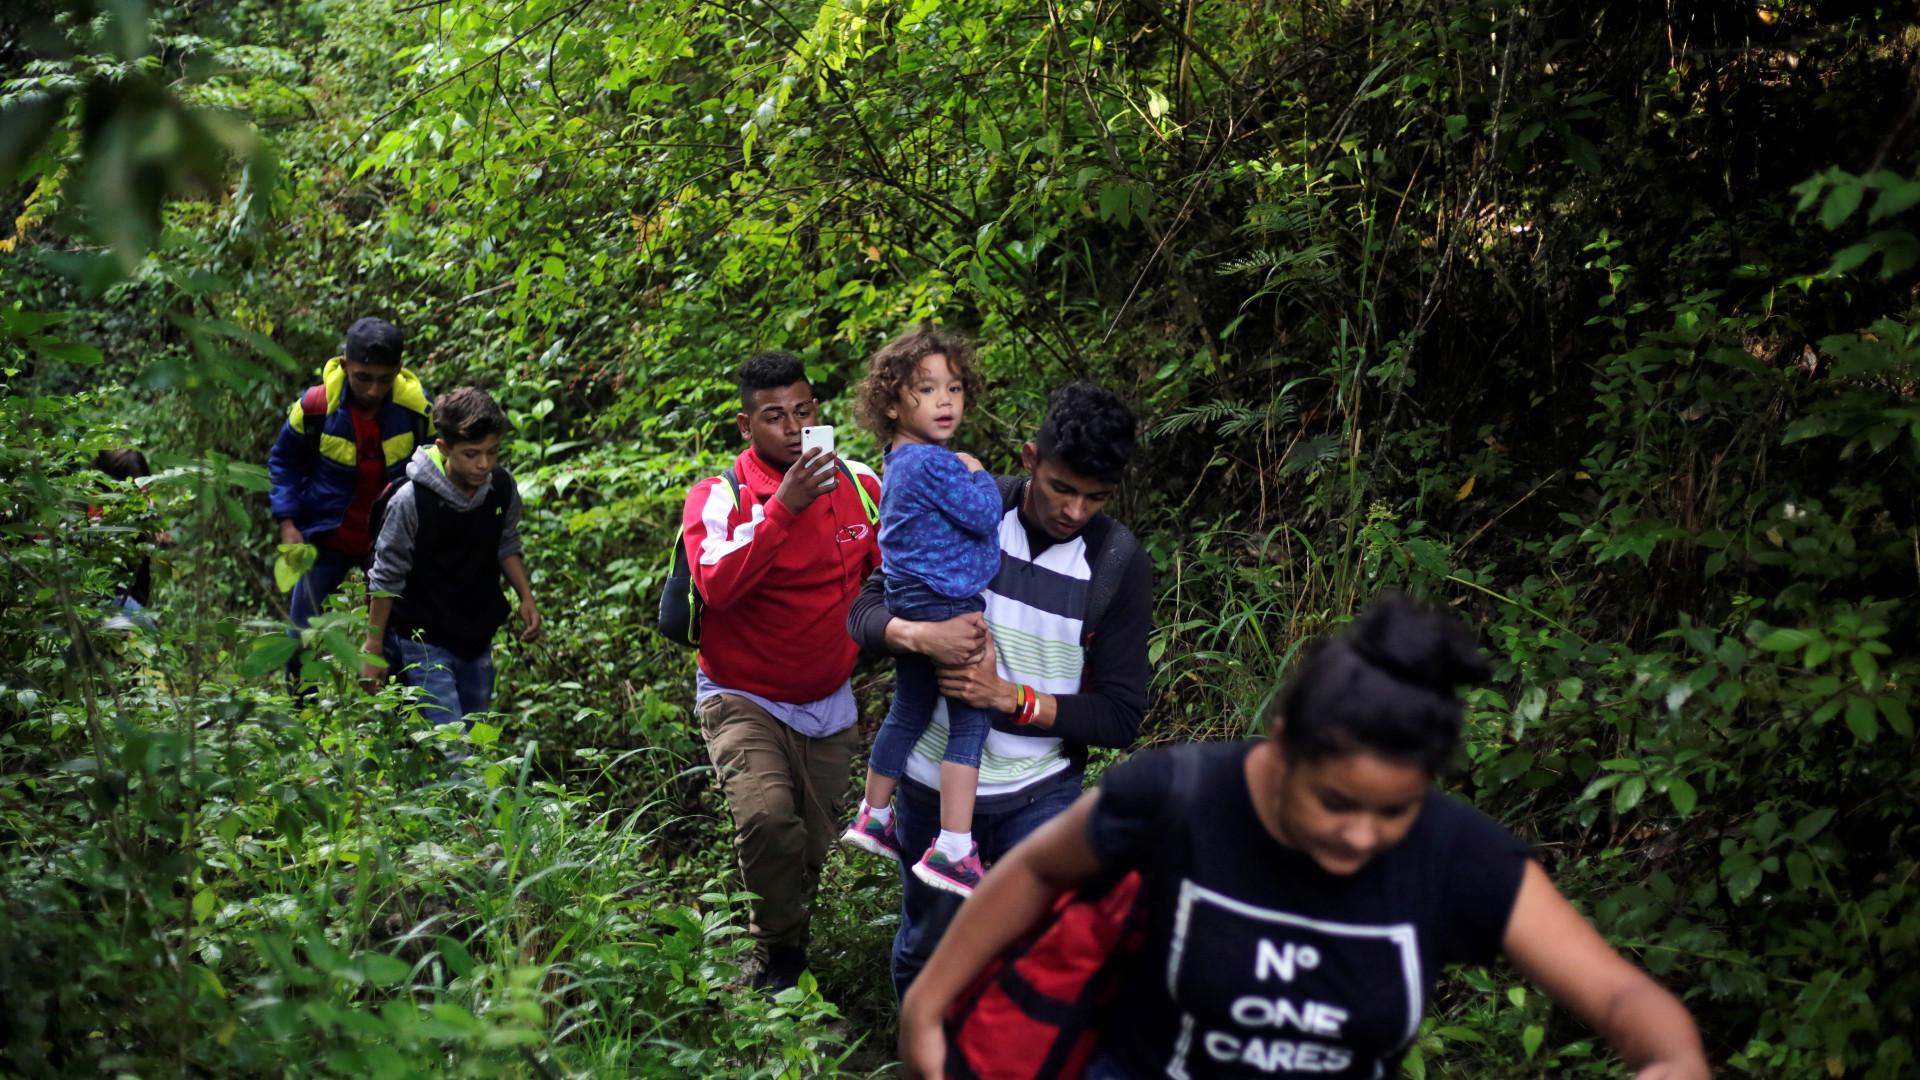 Migrantes hondurenhos prosseguem marcha em direção aos EUA